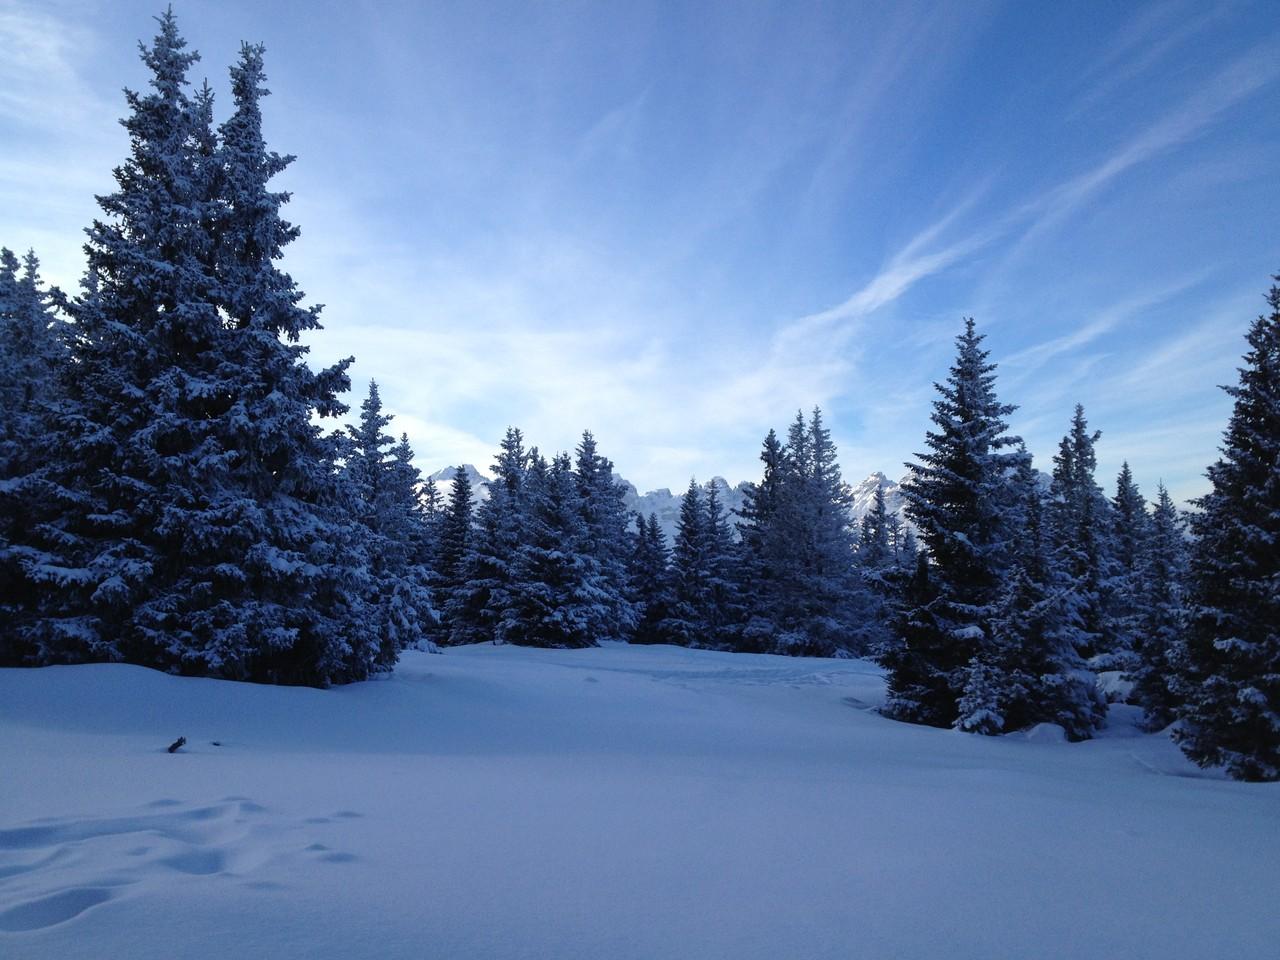 Miederer Wälder in Schnee verhüllt